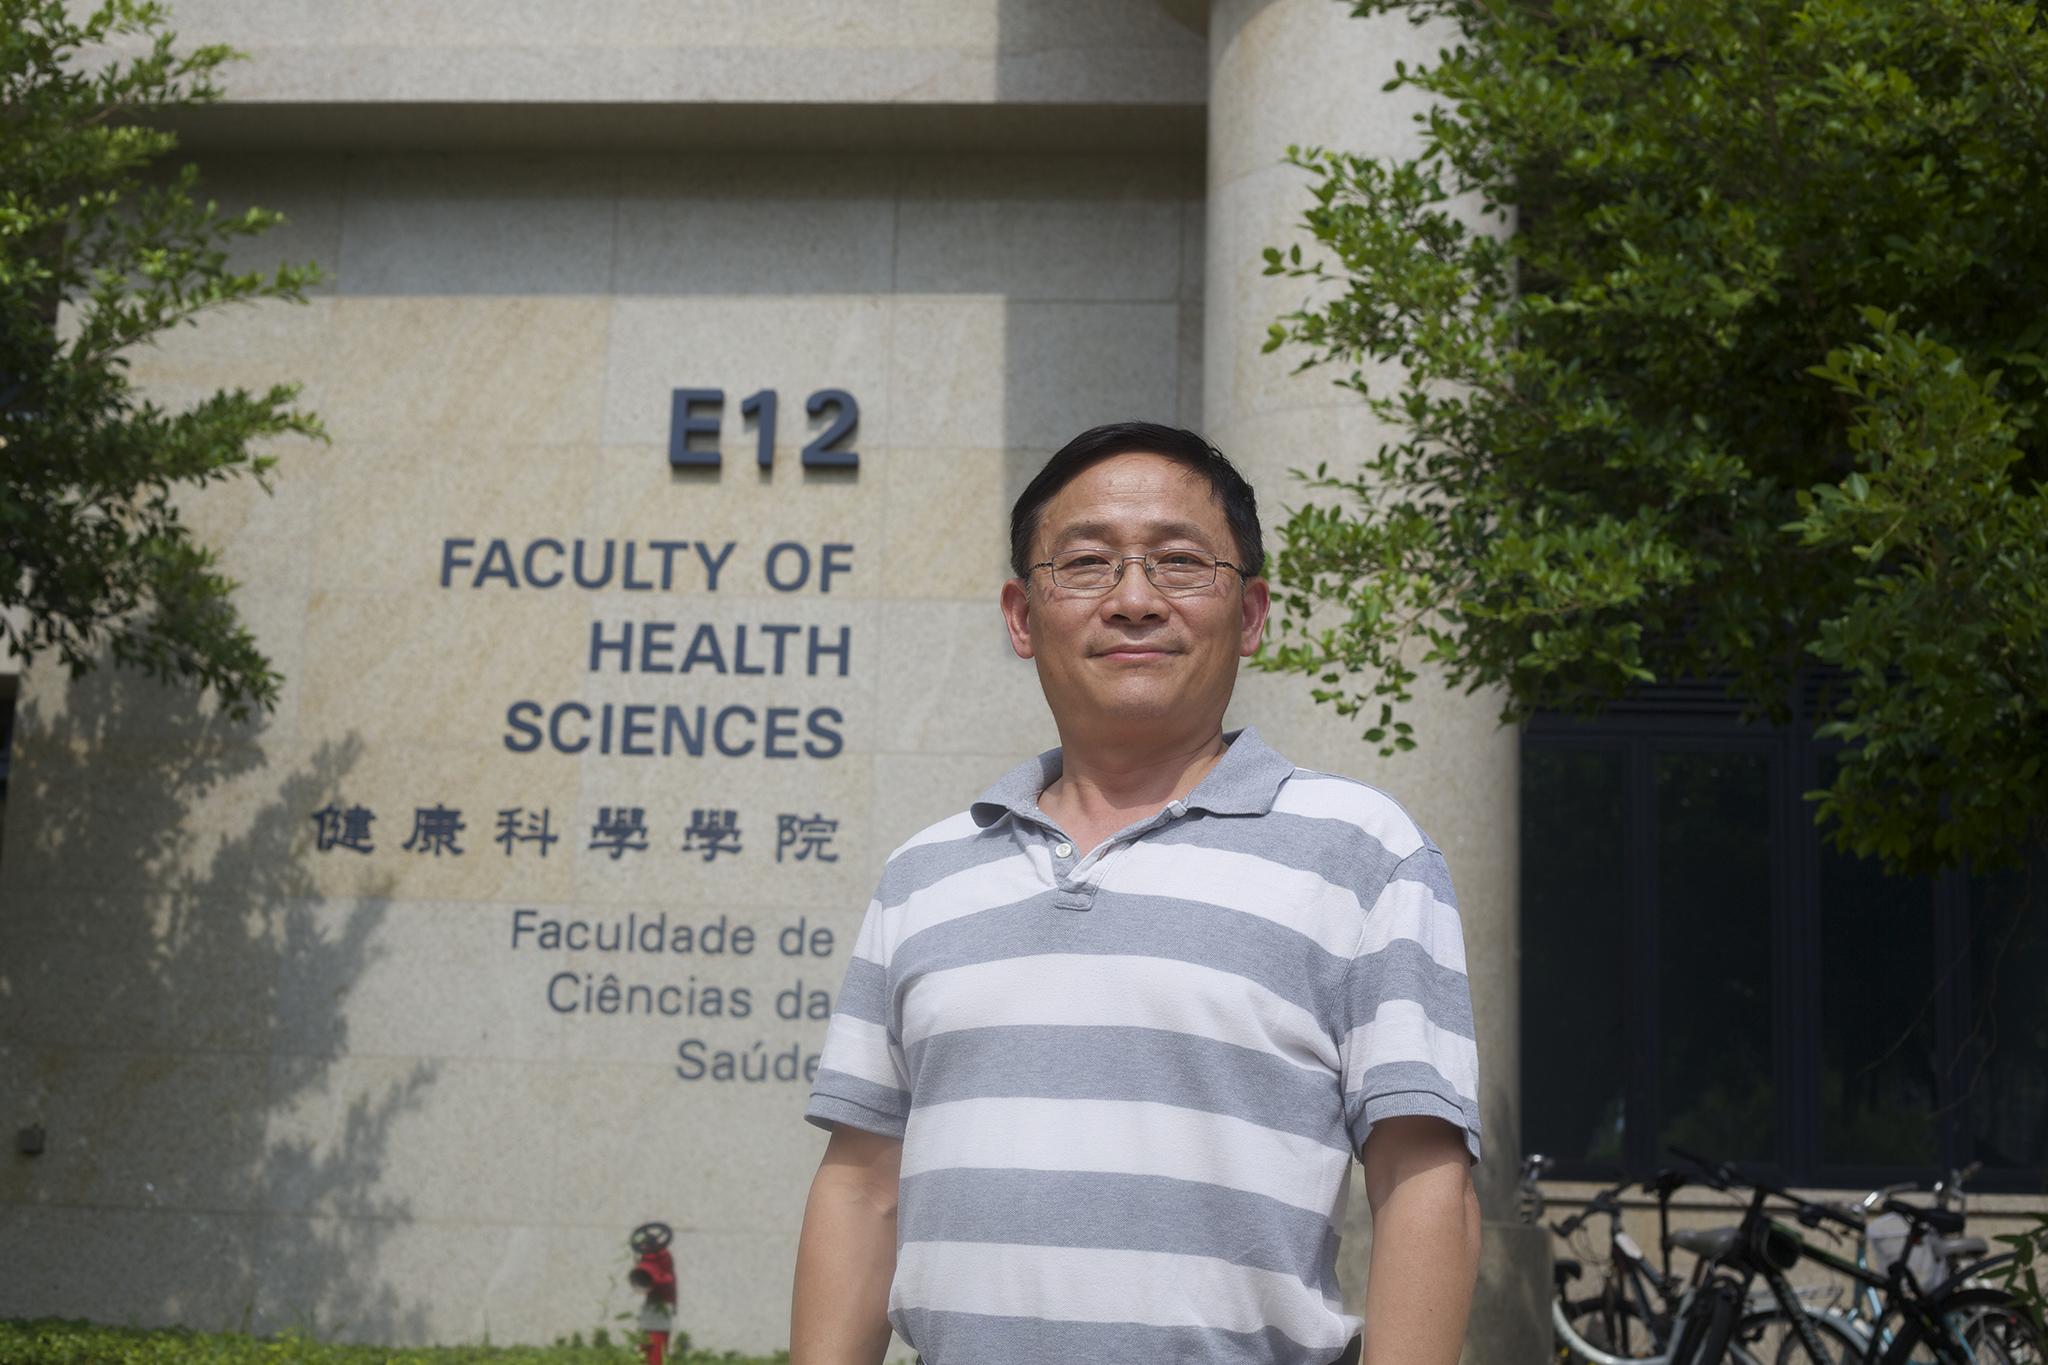 Entrevista | Ren-He Xu, professor da Faculdade de Ciências da Saúde da Universidade de Macau